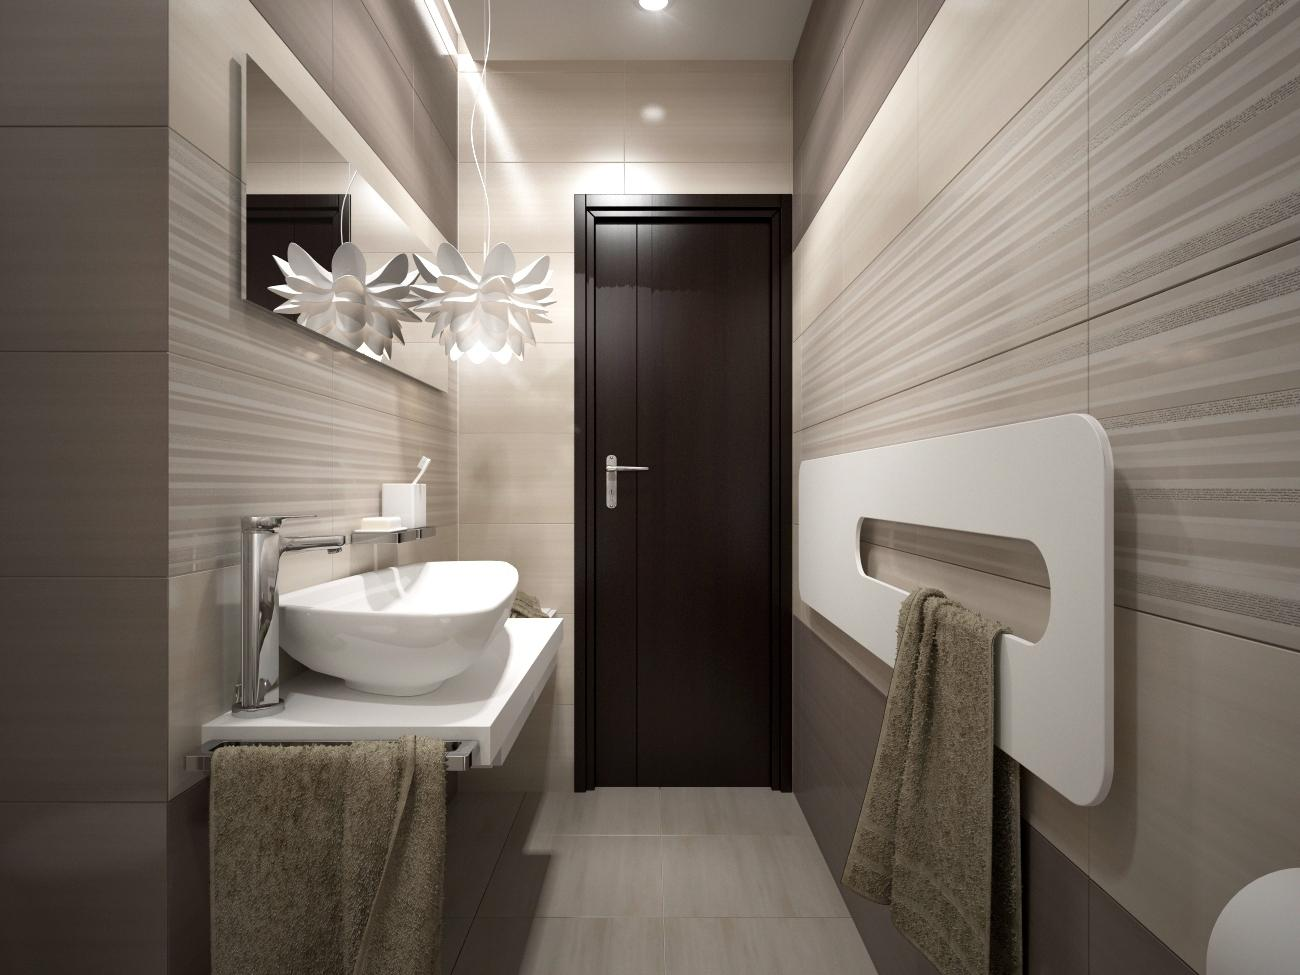 Pohľad do vašej budúcej kúpeľne - Obrázok č. 13